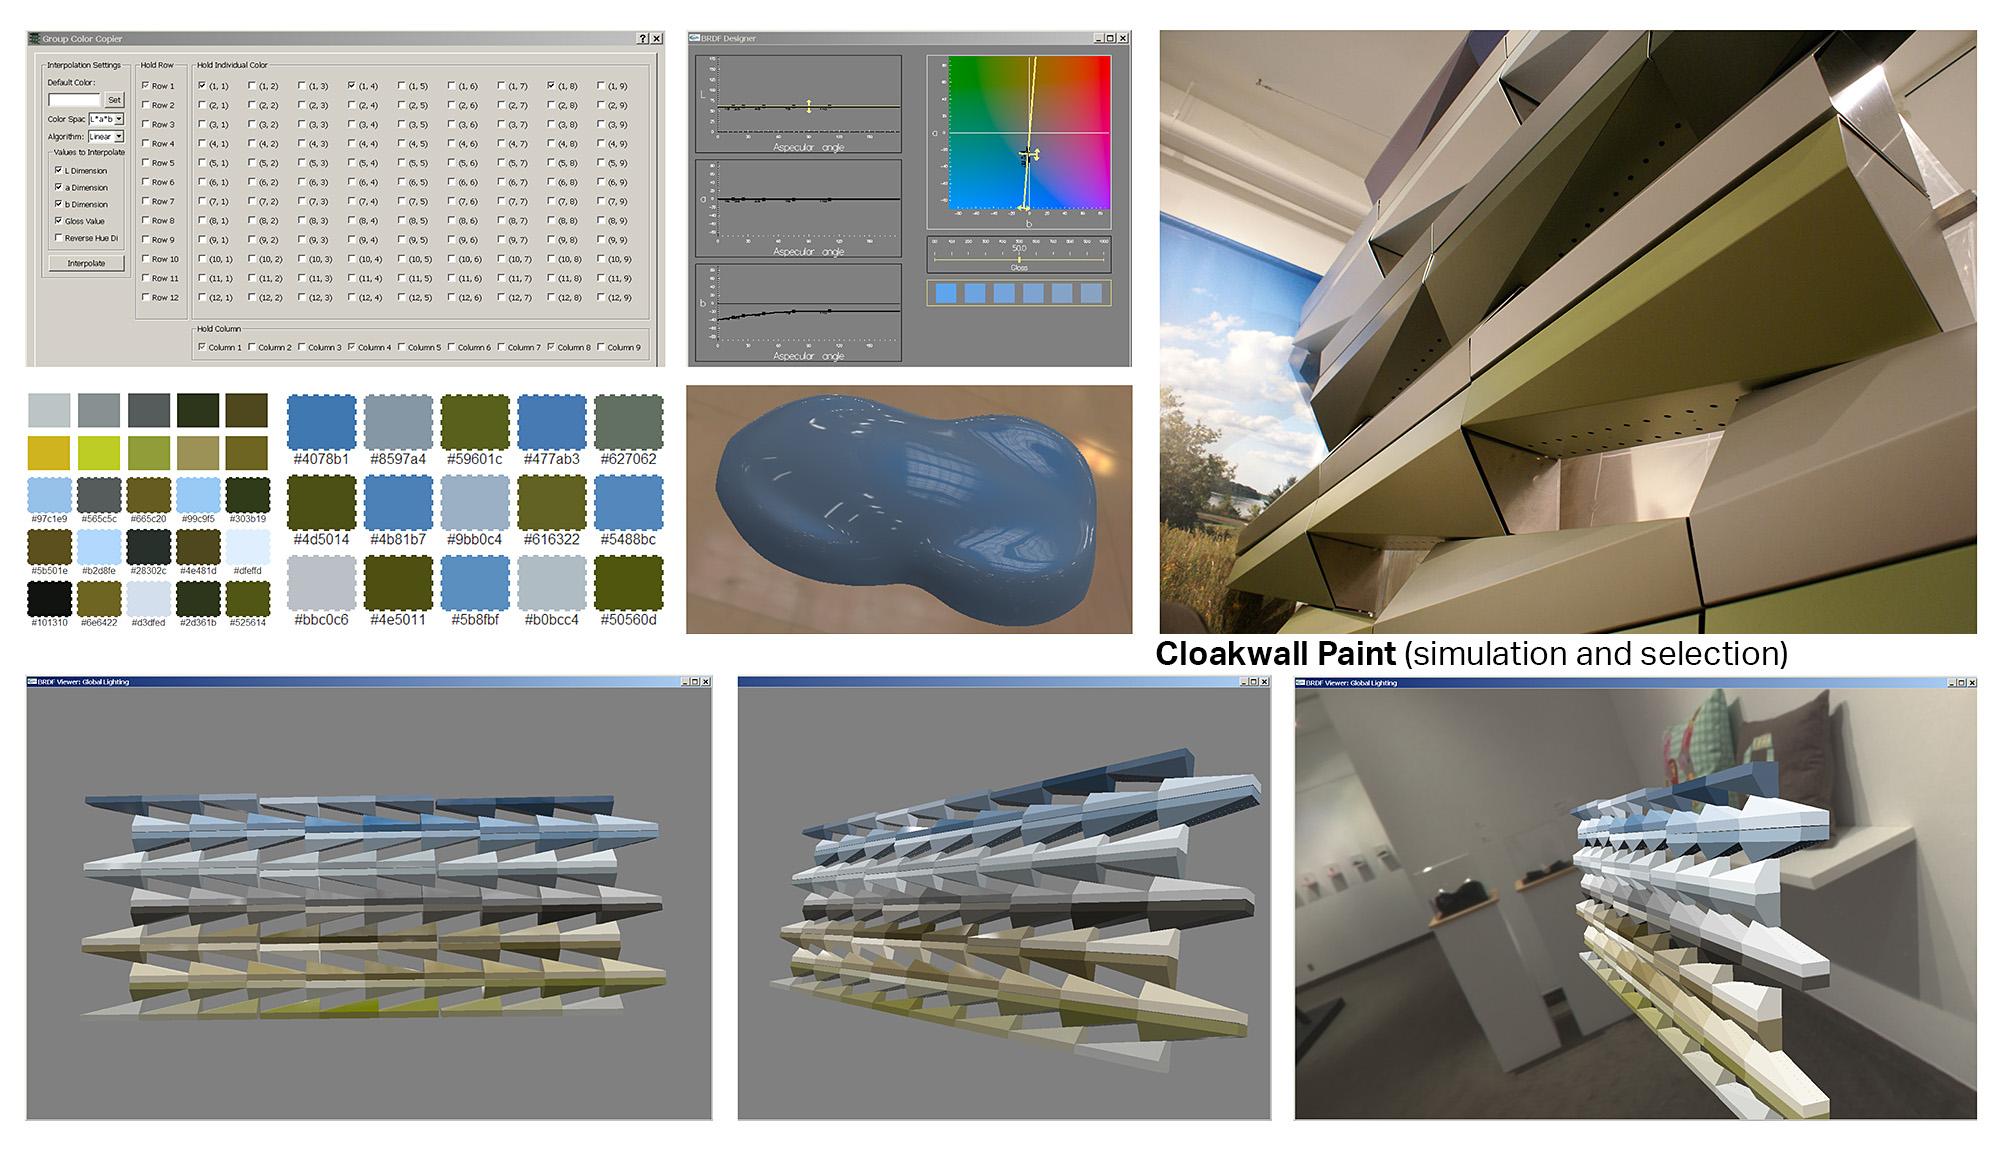 05_Cloak paint_software.jpg